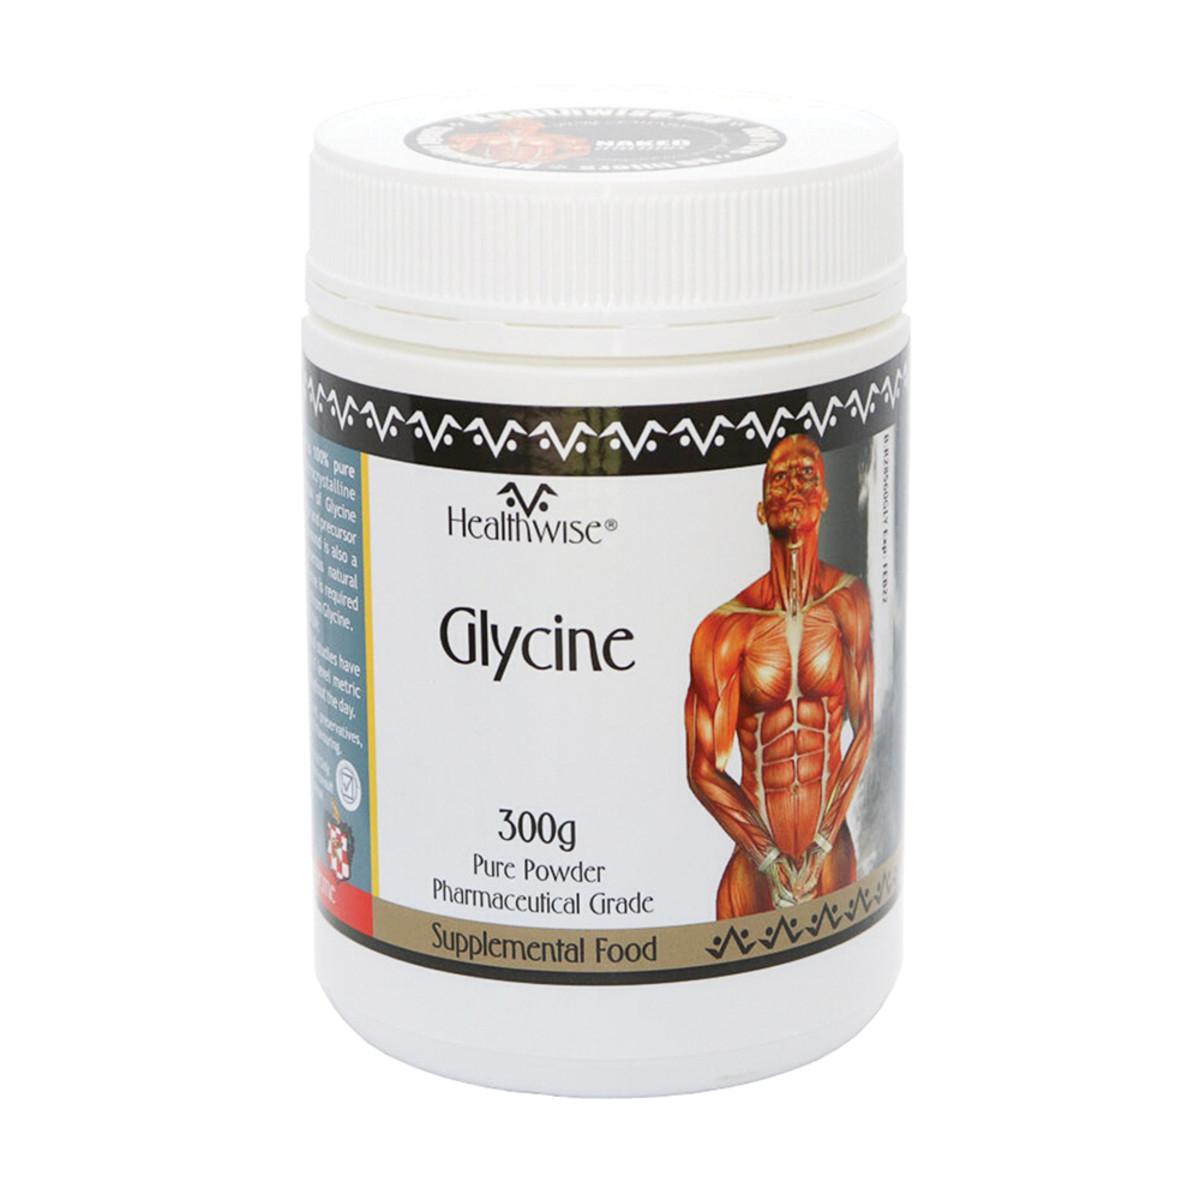 HEALTHWISE GLYCINE 300G